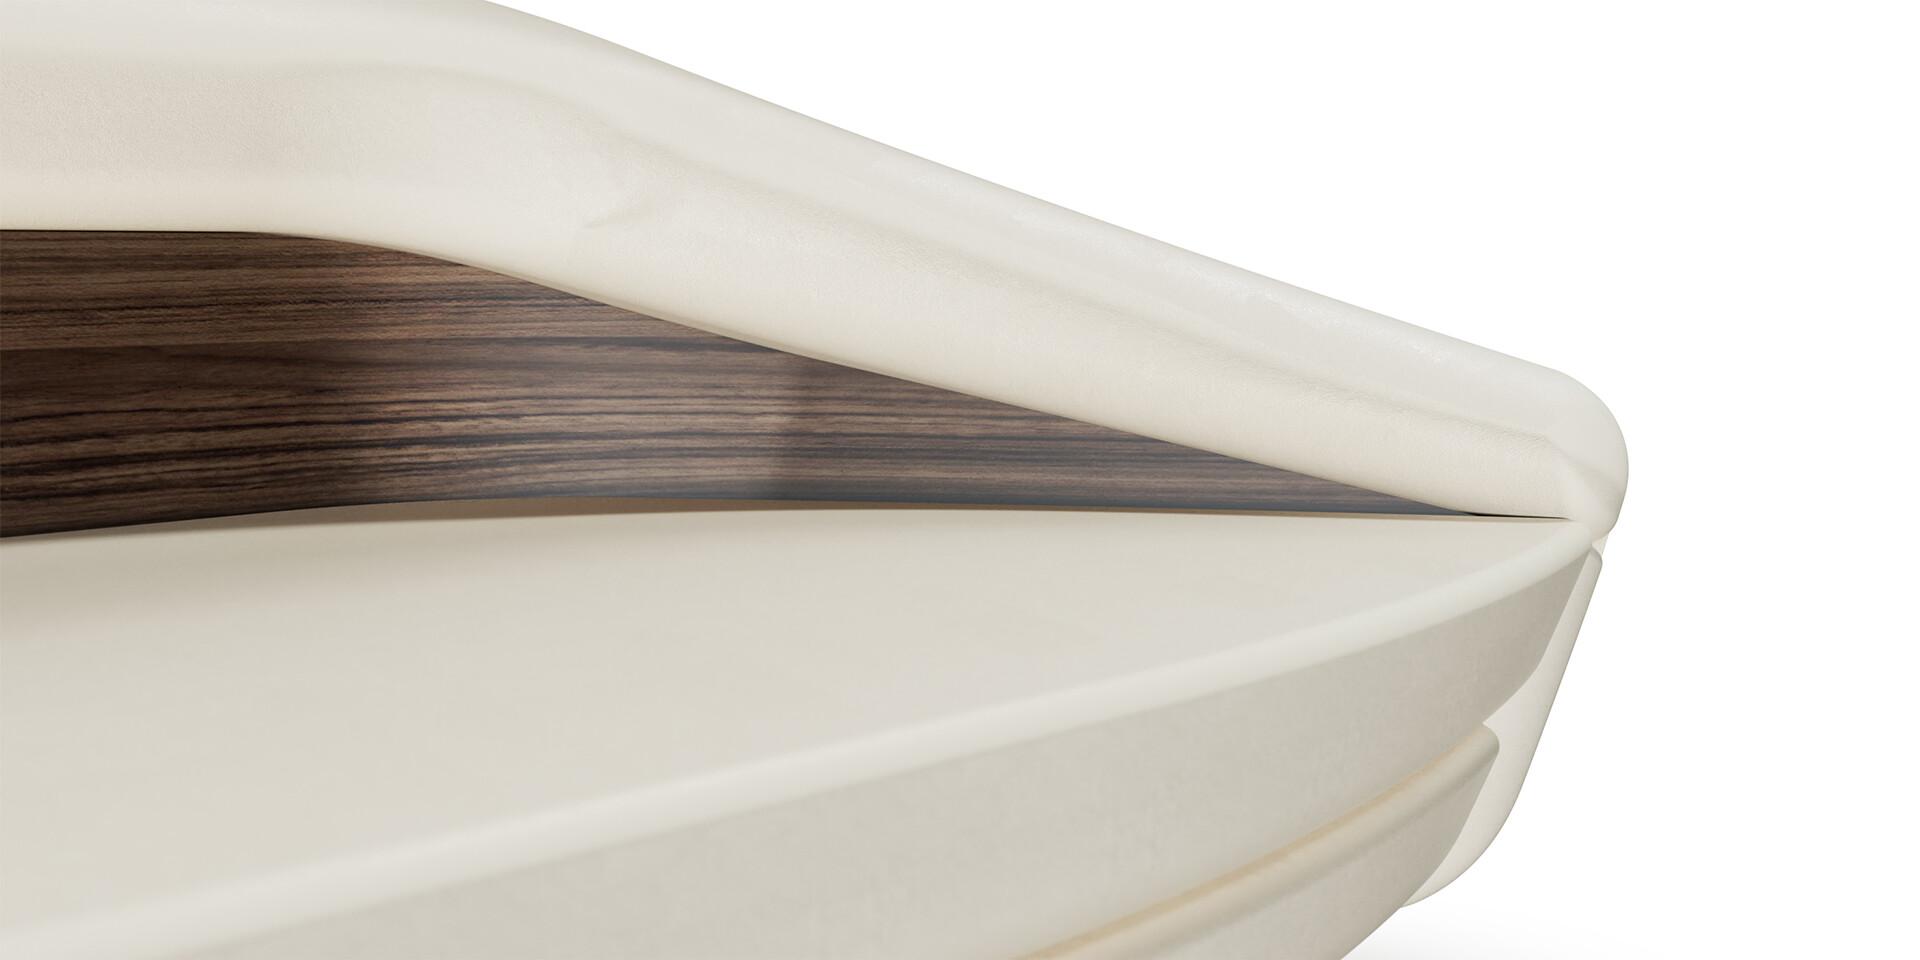 MATTERHORN SOFA - Detail View - ALMA de LUCE